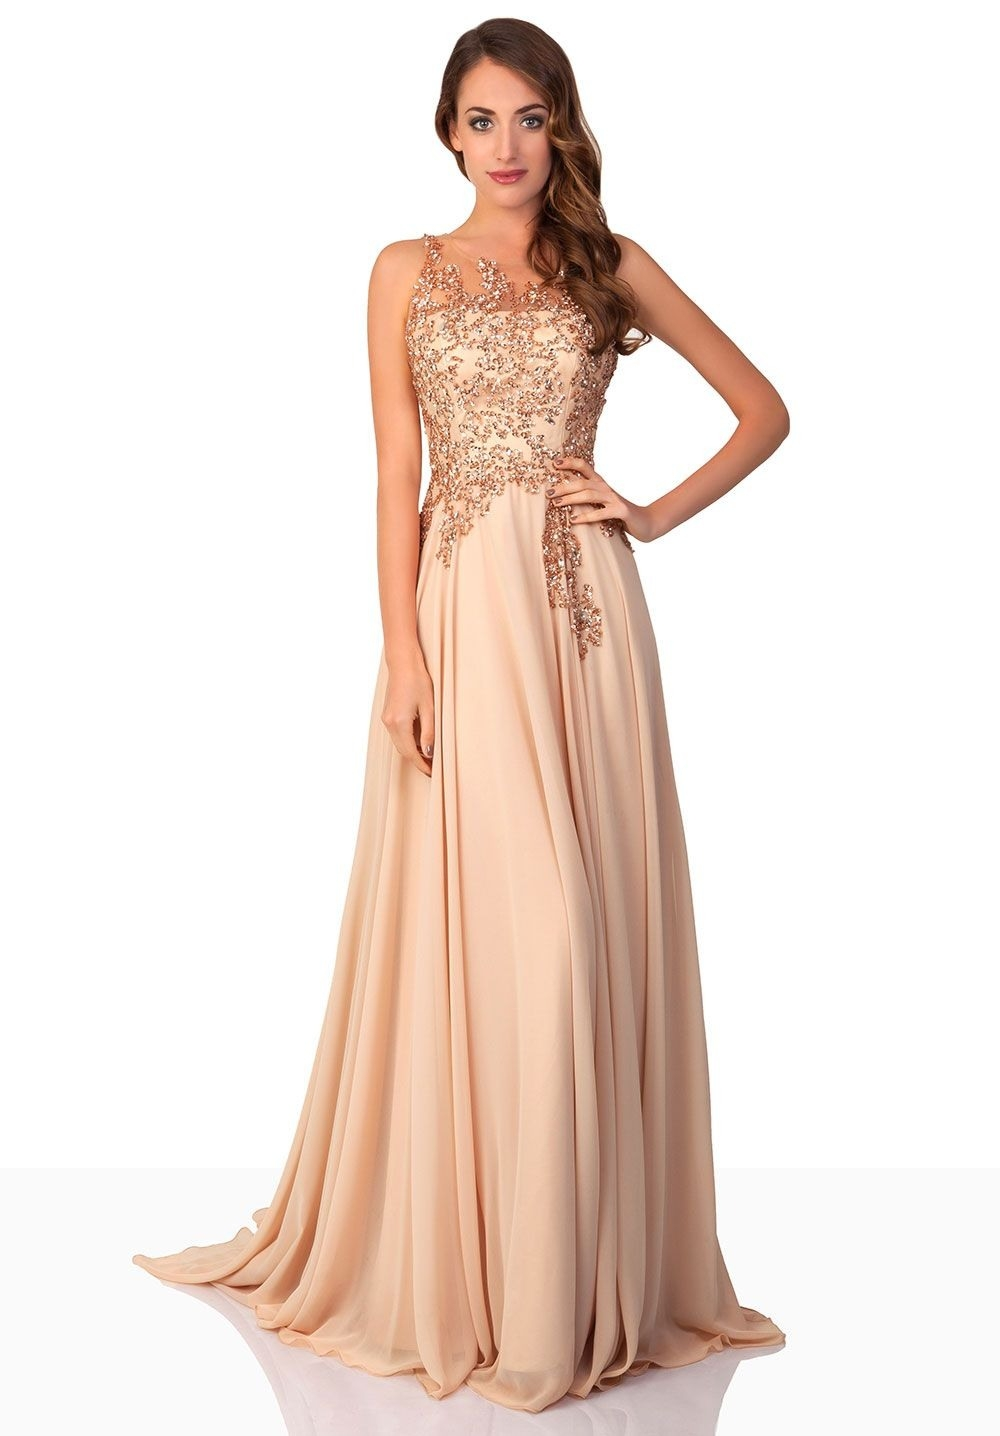 Spektakulär Kleid Beige Lang Stylish Erstaunlich Kleid Beige Lang Spezialgebiet